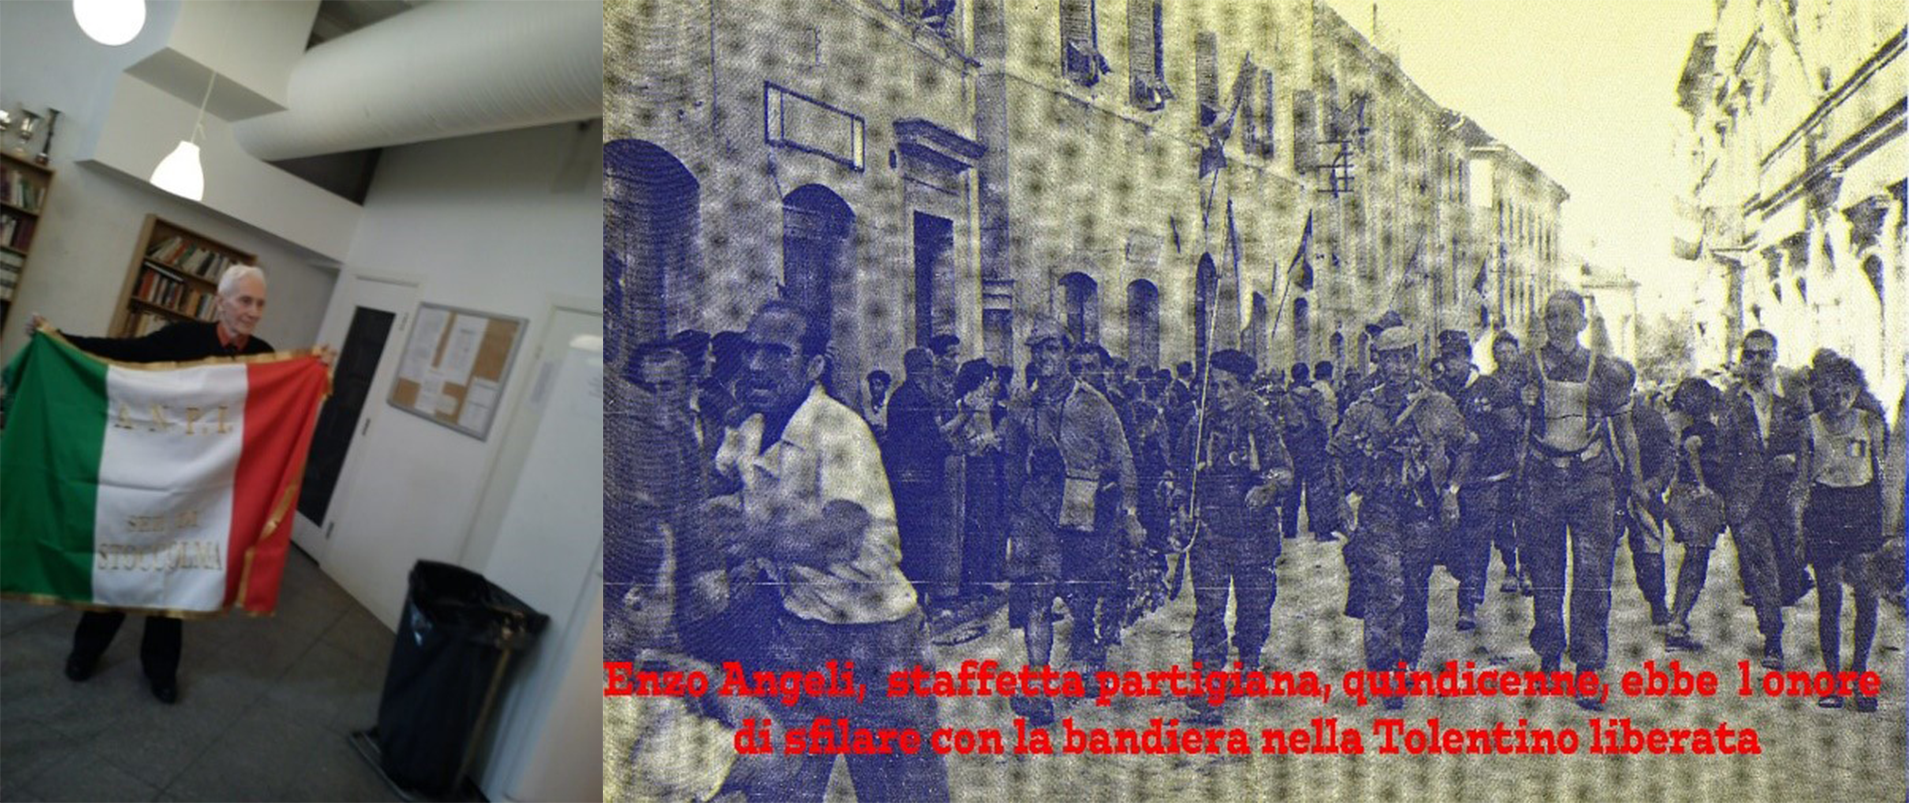 Vogliamo anche ricordare il caro amico  Enzo Angeli , partigiano d'Italia e presidente dell'ANPI di Stoccolma che ci ha lasciati nell'anno del 75:mo della Liberazione.